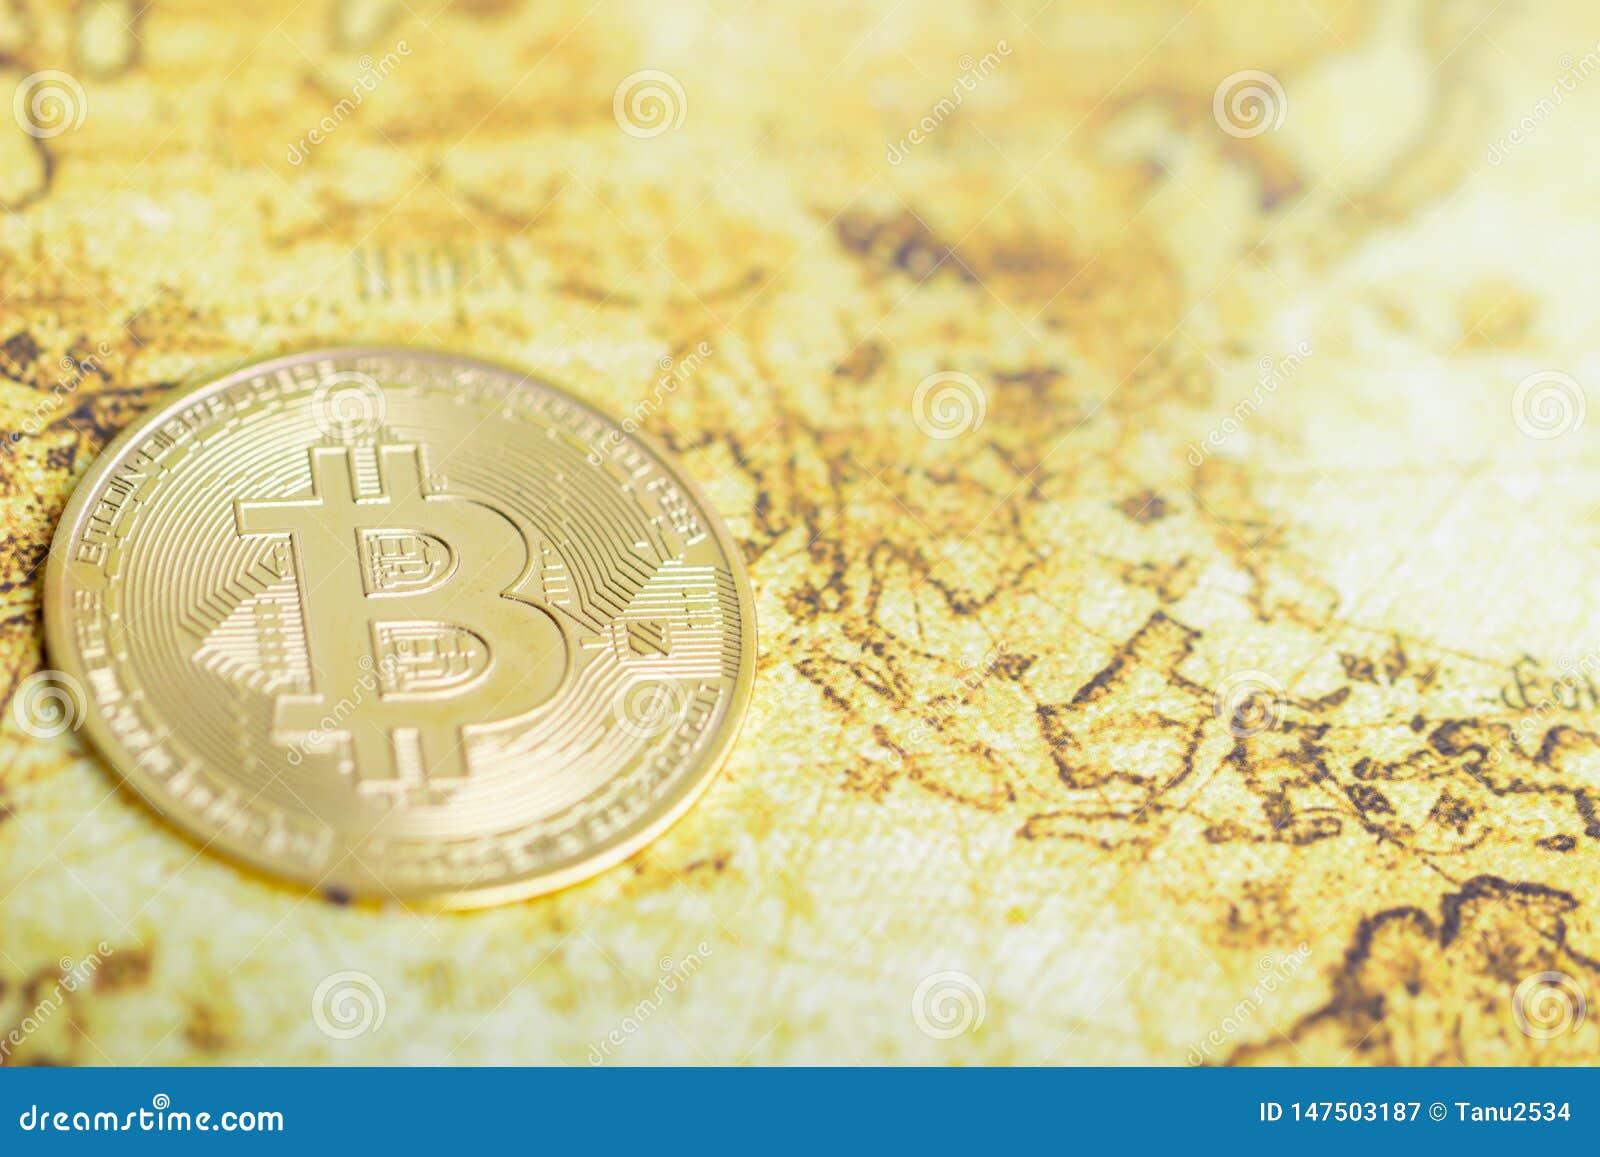 Bitcoin mo?e u?ywa? prowadzi? transakcje mi?dzy jaka? kontem